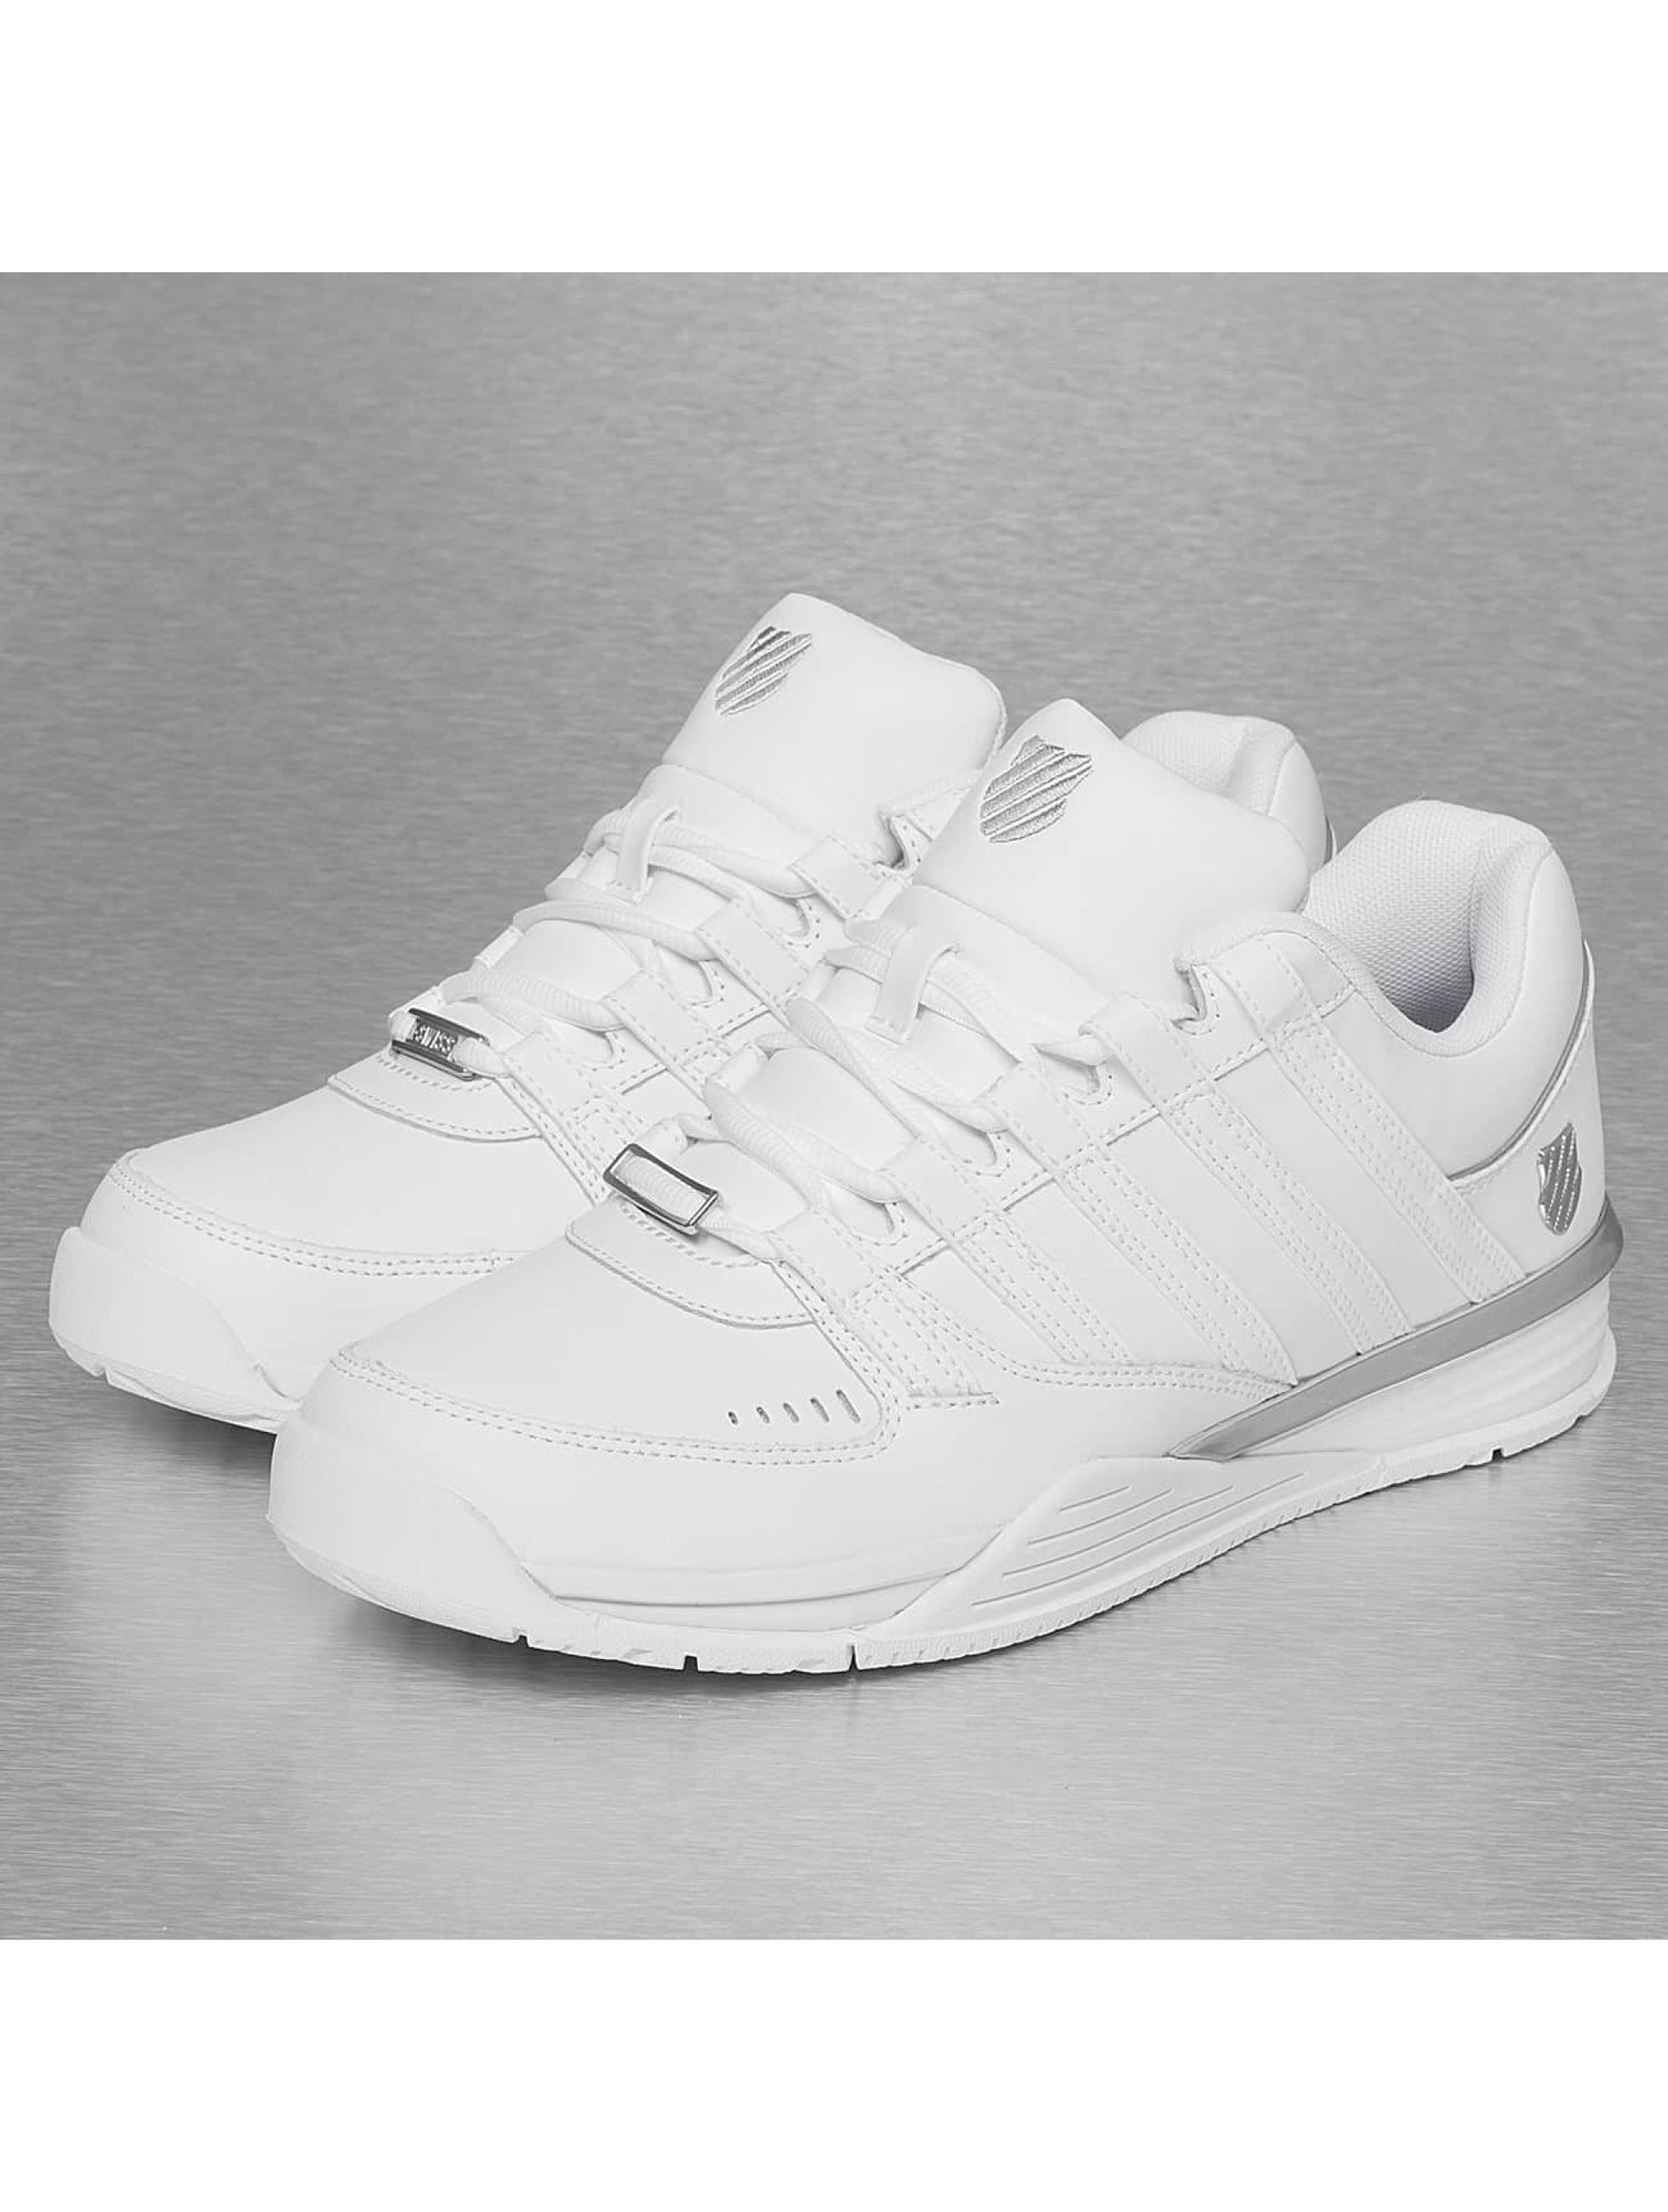 k swiss schoen sneaker baxter in wit 254734. Black Bedroom Furniture Sets. Home Design Ideas